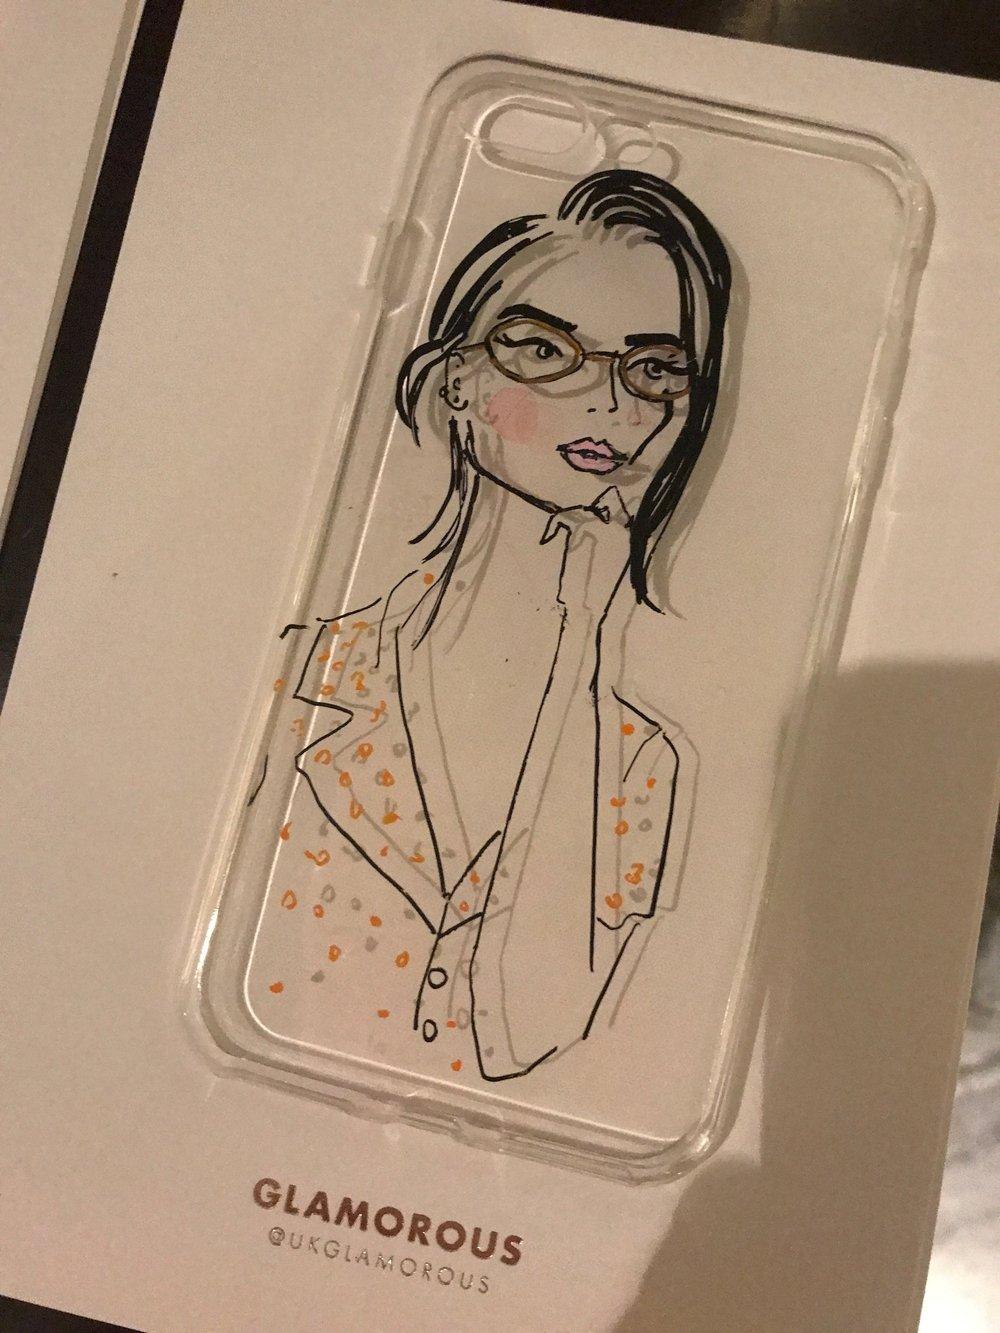 Fashion Portrait on phone case